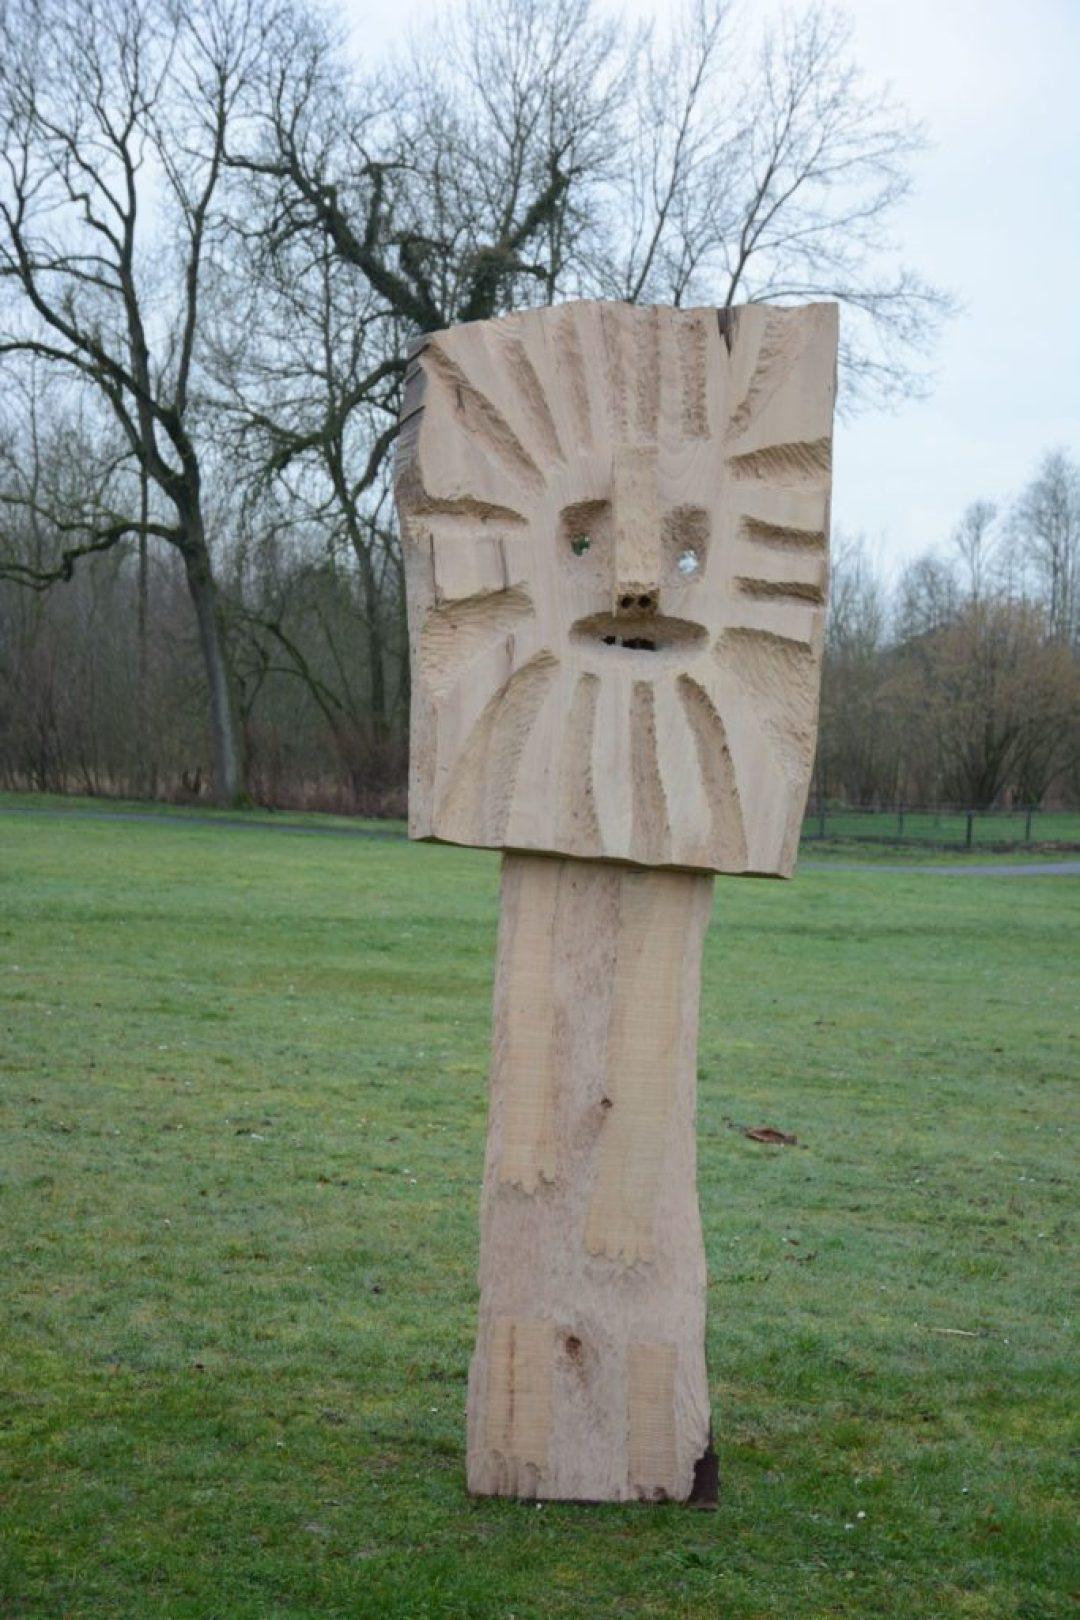 Annie Vairon, Le Lion, nd, sculpture sur bois (photo Mario Delbianco)